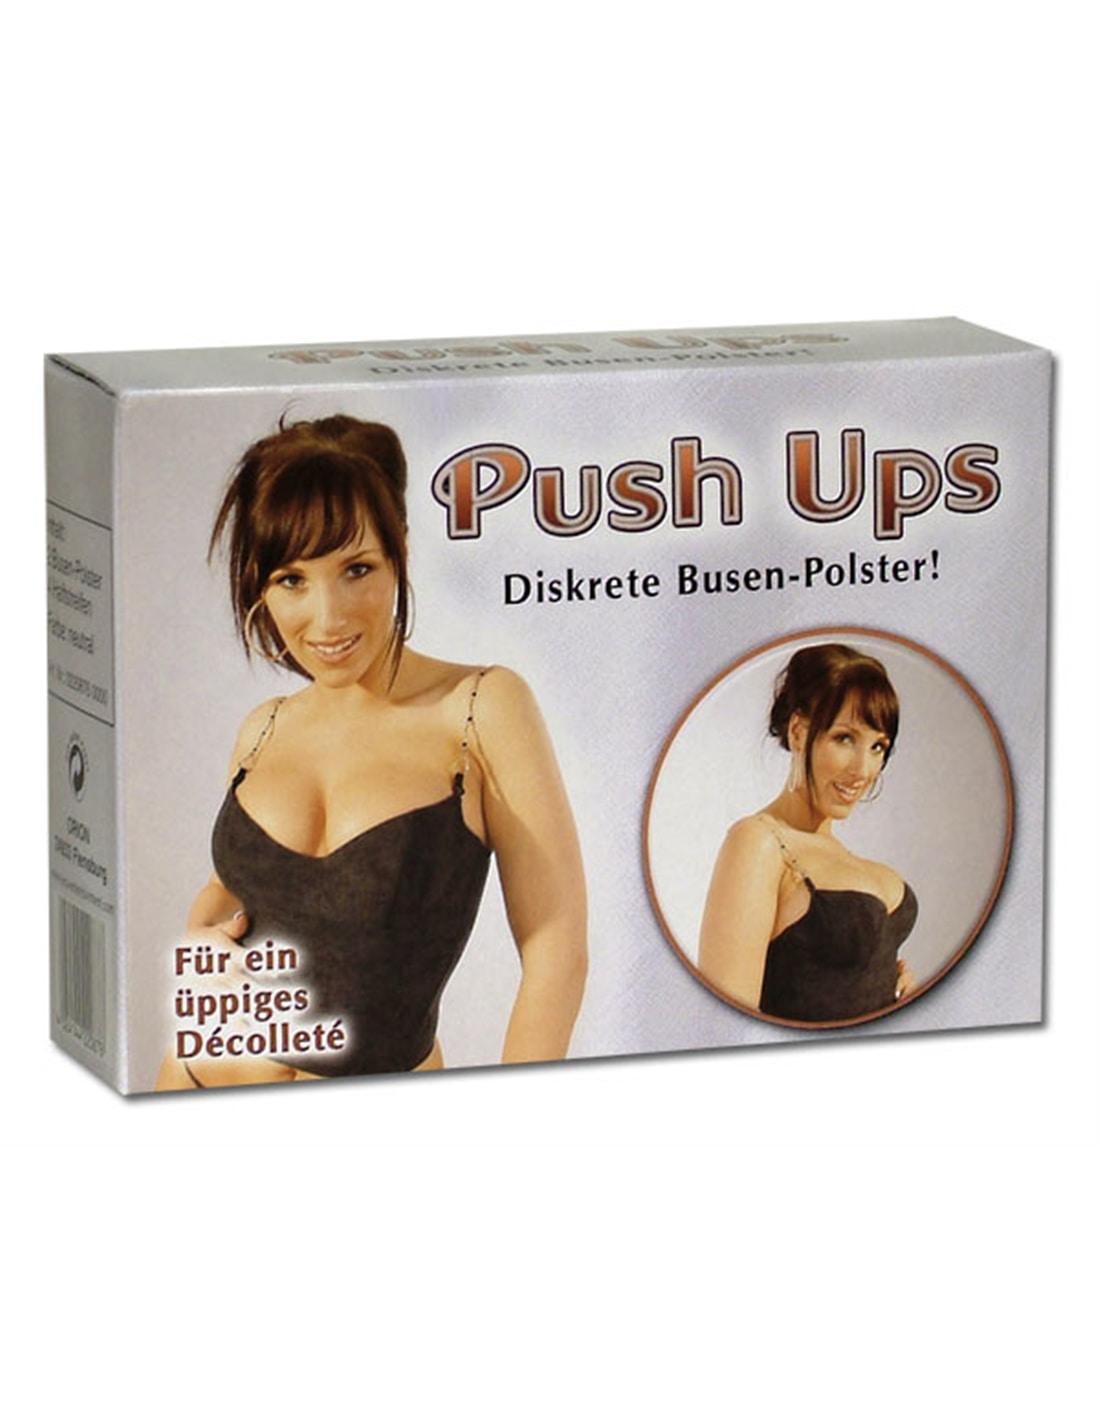 02208760000 - Push Ups Único - Único-DO29000815